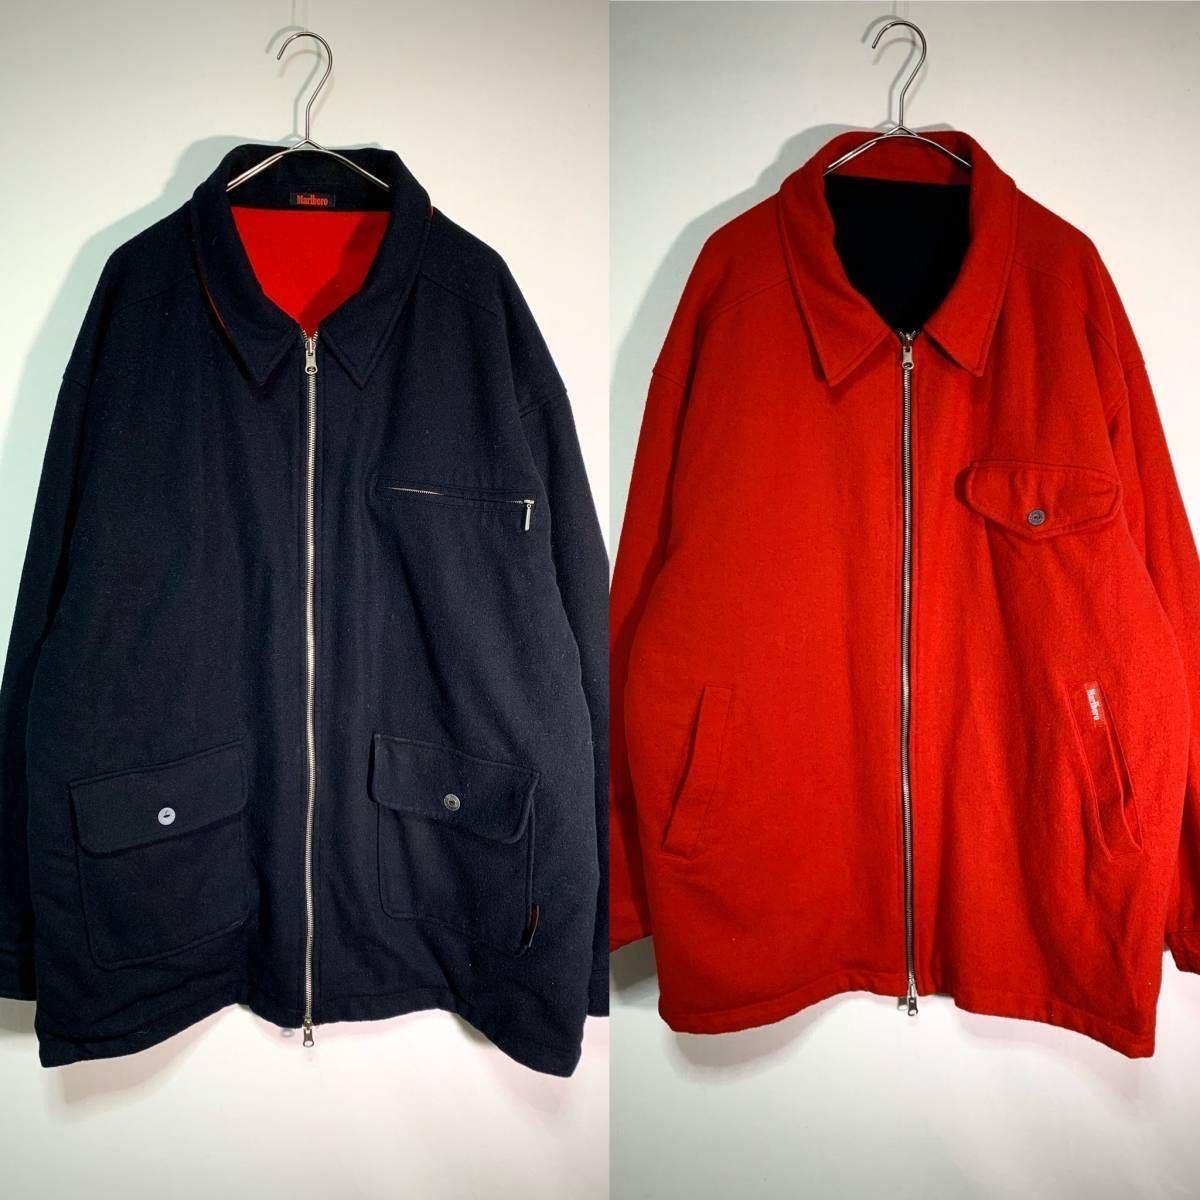 【送料込】90s Marlboro リバーシブル ウール ジャケット XL 黒×赤 ビッグシルエット ジップ マルボロ 80s ビンテージ 古着 オールド_画像1